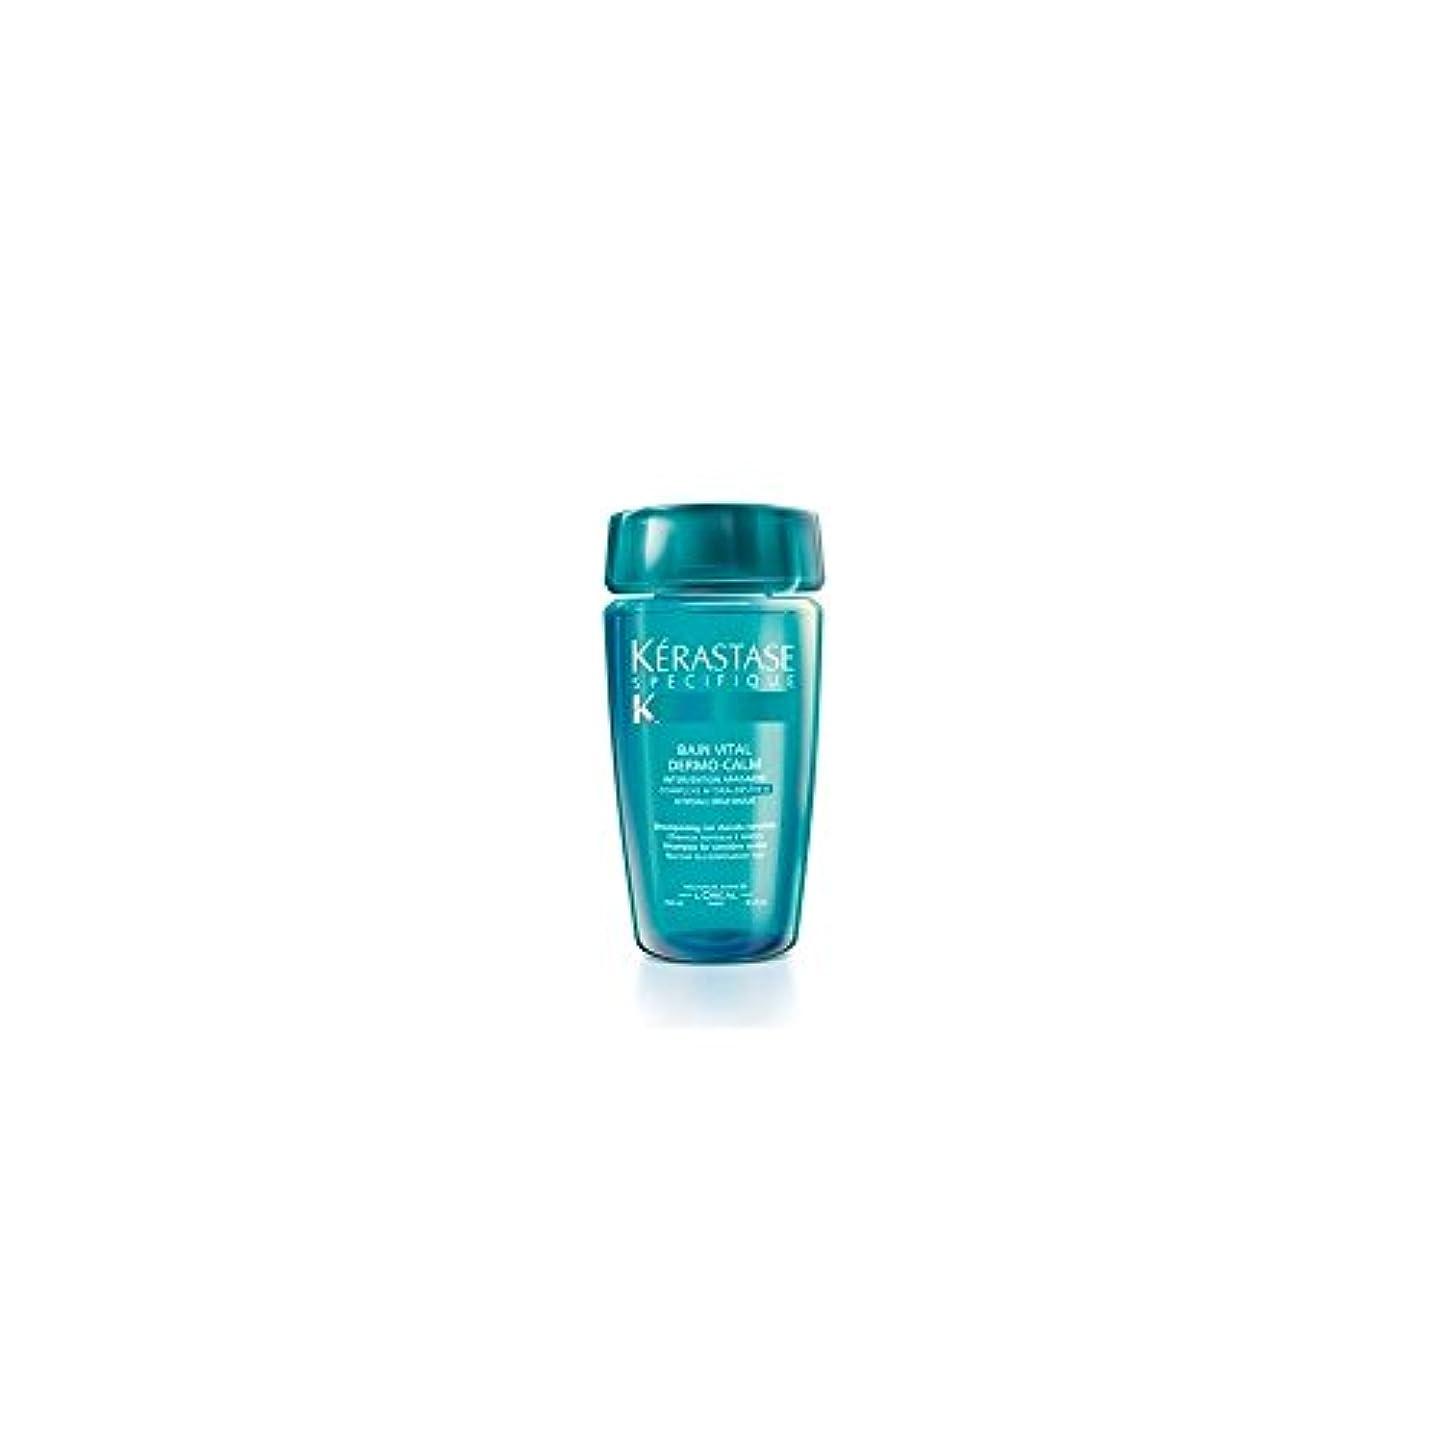 溶岩セーブクライストチャーチケラスターゼ Specifique Bain Vital Dermo-Calm Cleansing Soothing Shampoo (Sensitive Scalps, Combination Hair) 250ml/...